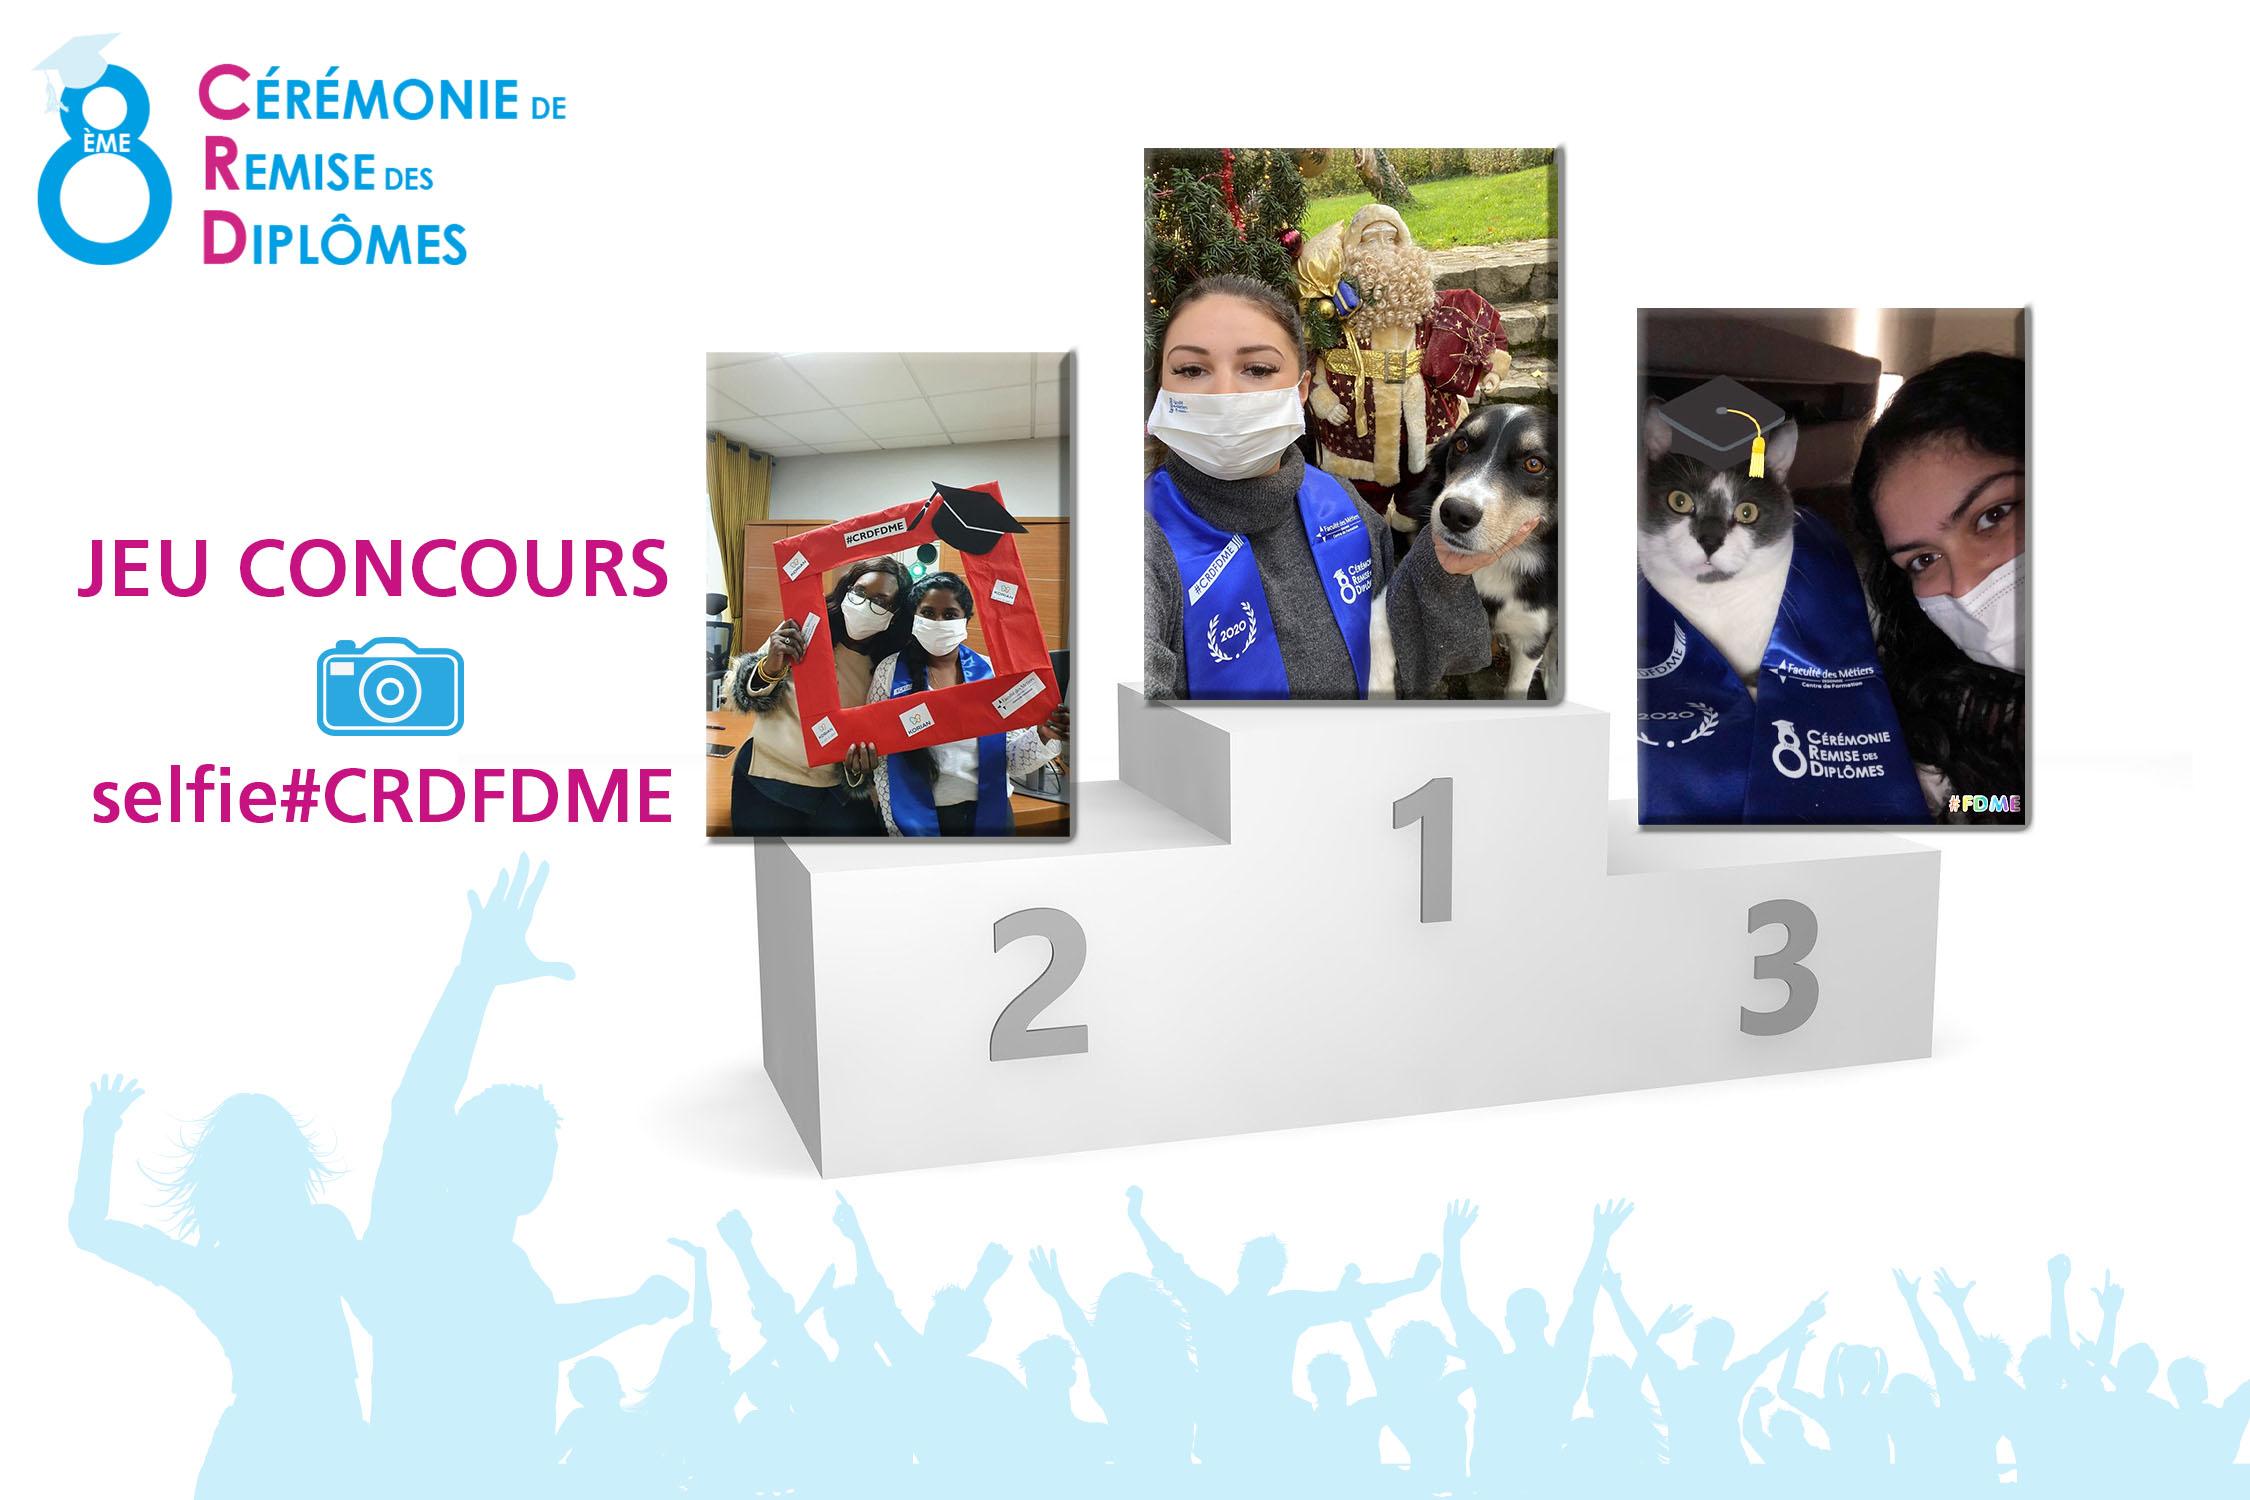 Les gagnantes masquées du concours photo 8<sup>ème</sup> CRD